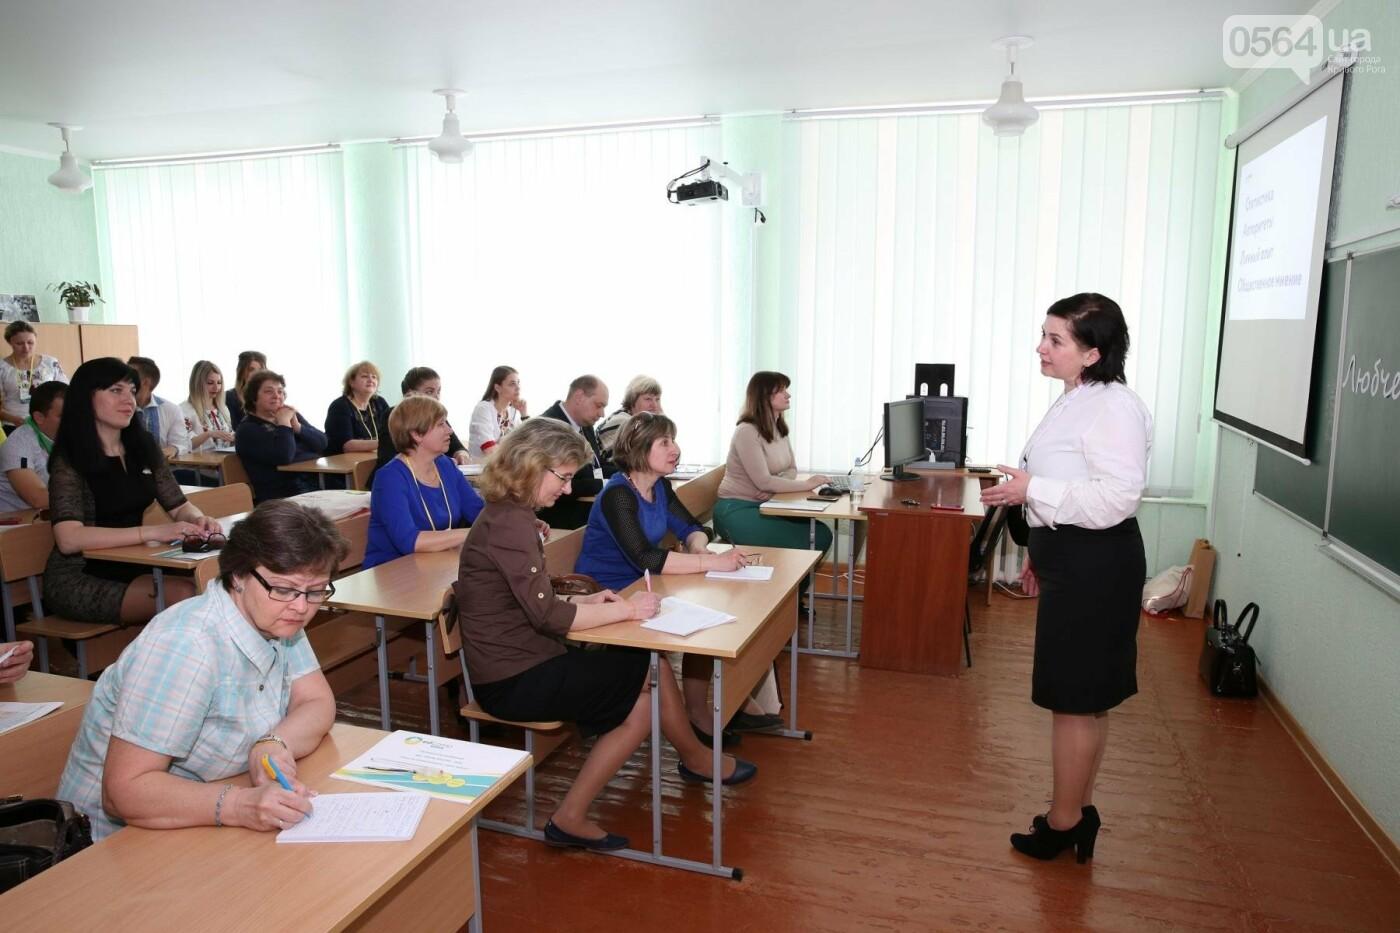 В Кривой Рог впервые слетелись «белые вороны» образования со всей Украины, фото-4